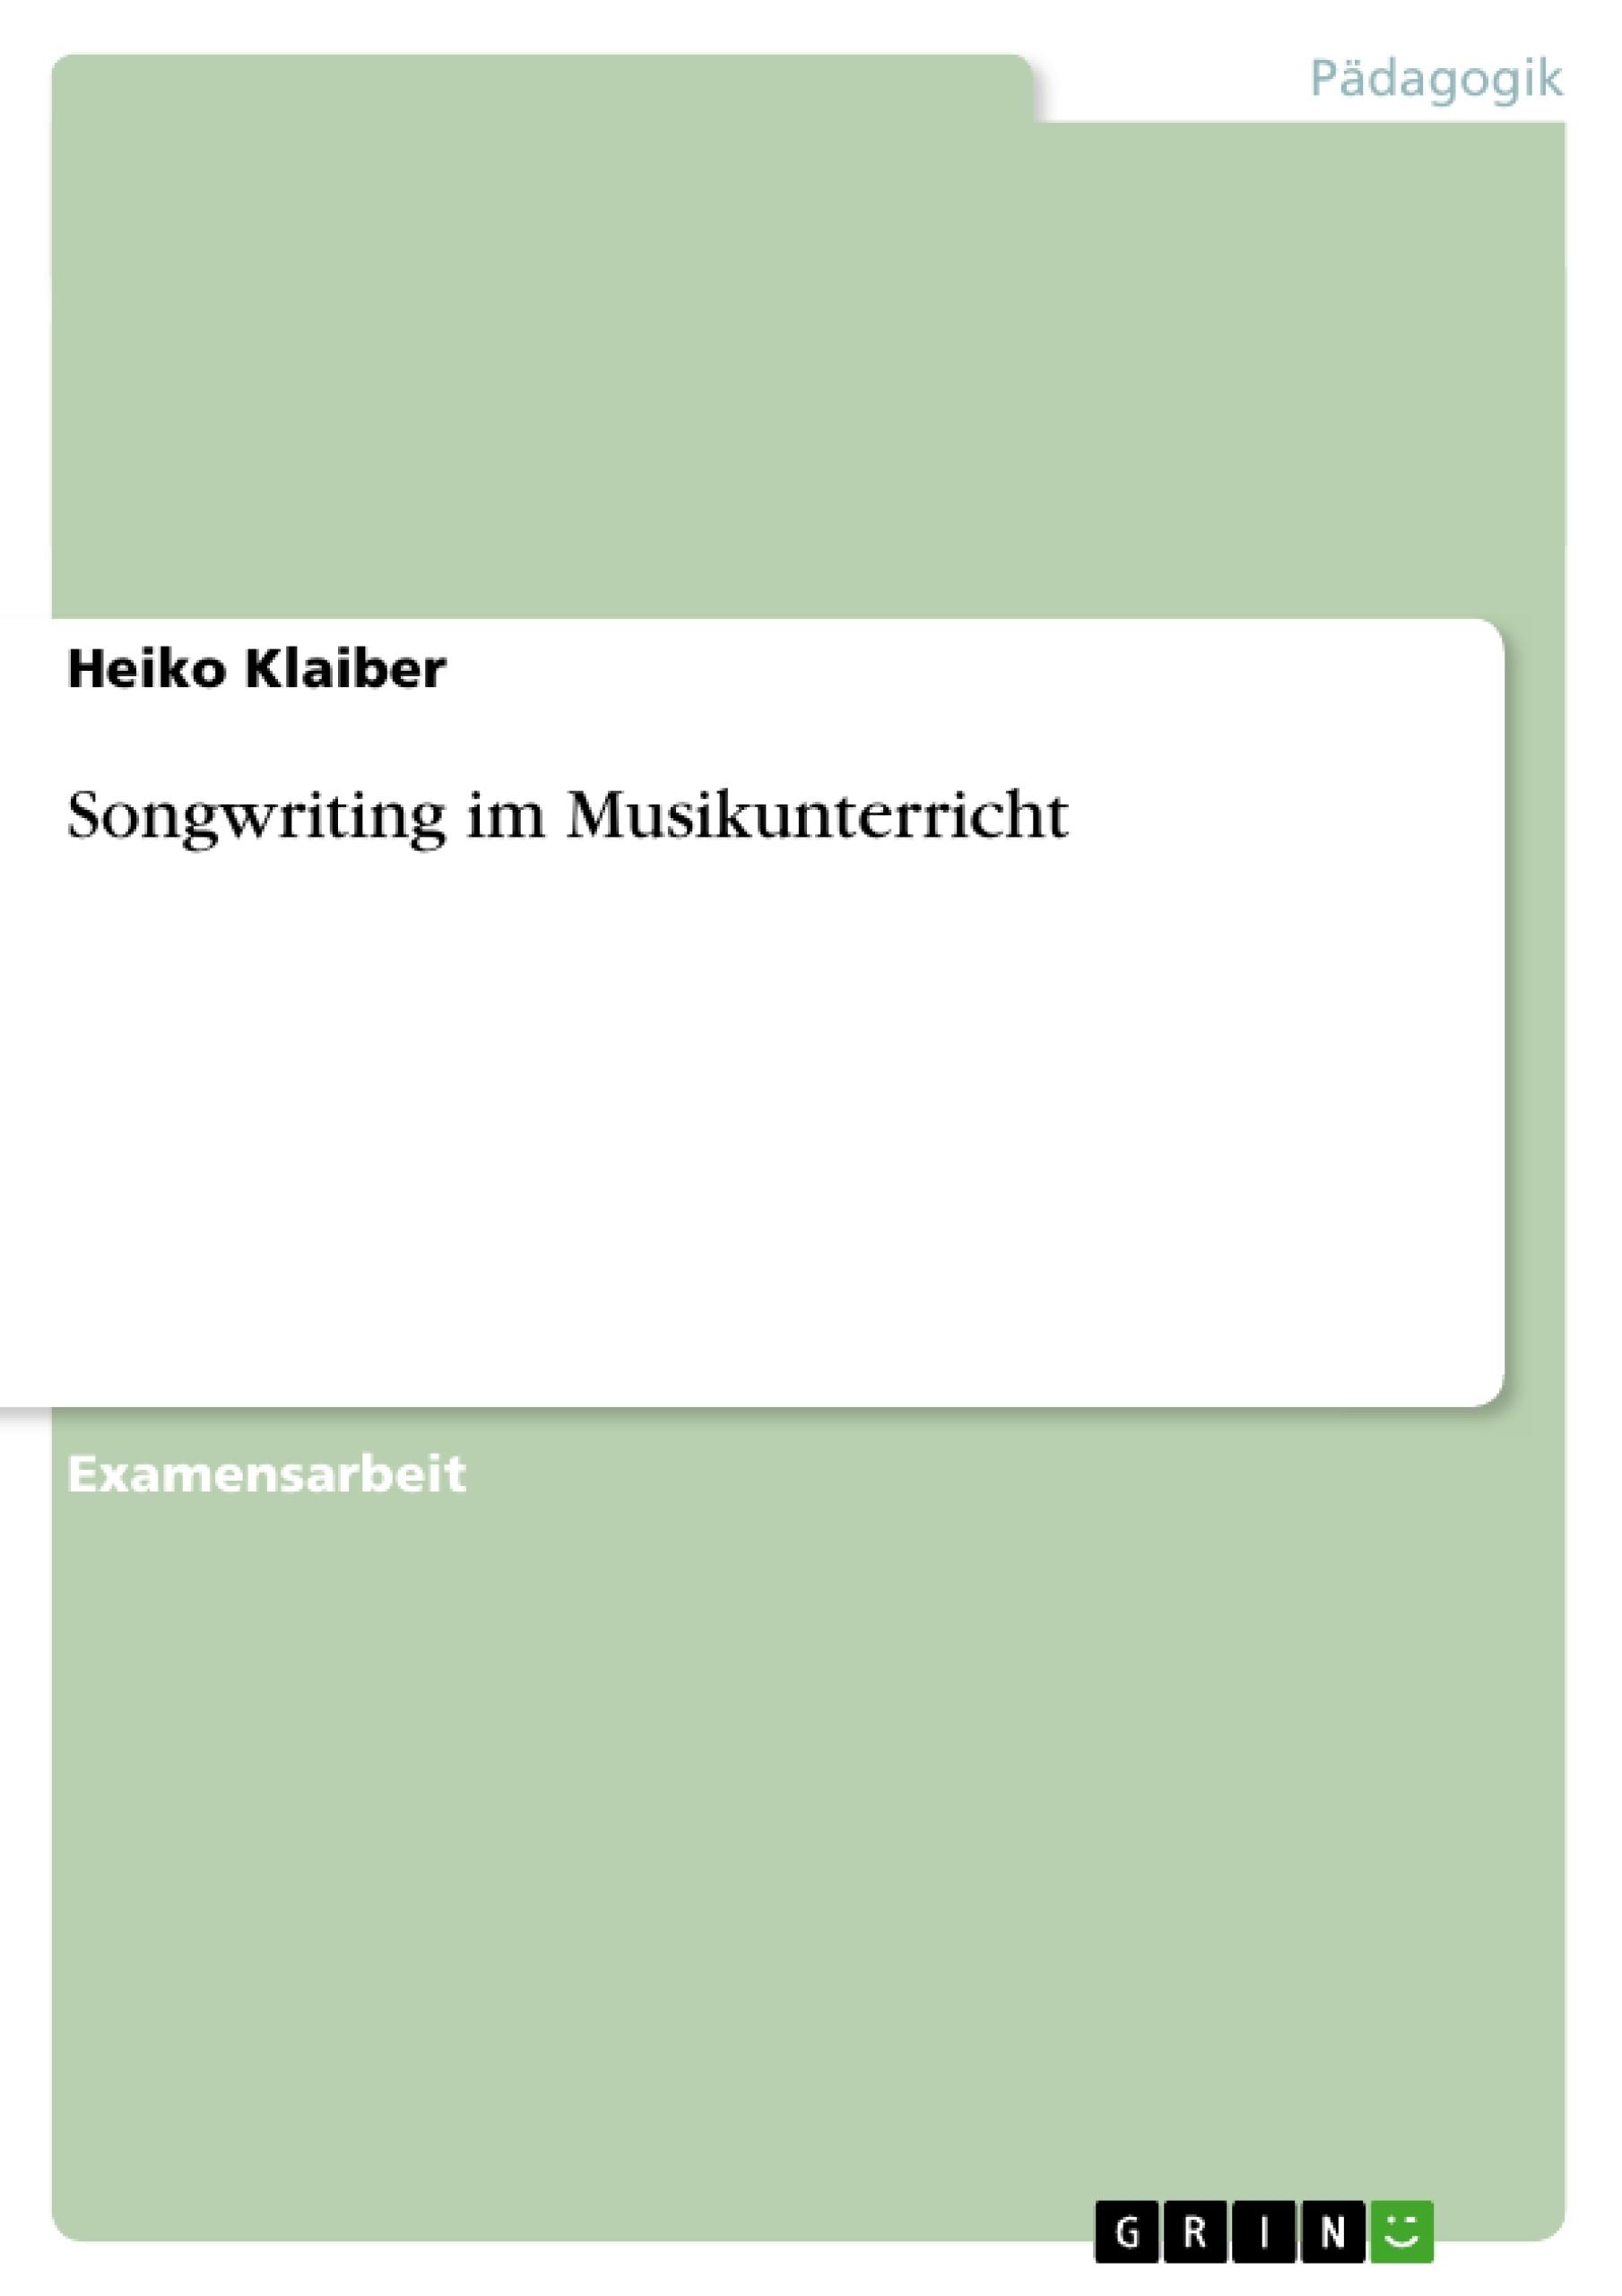 Titel: Songwriting im Musikunterricht